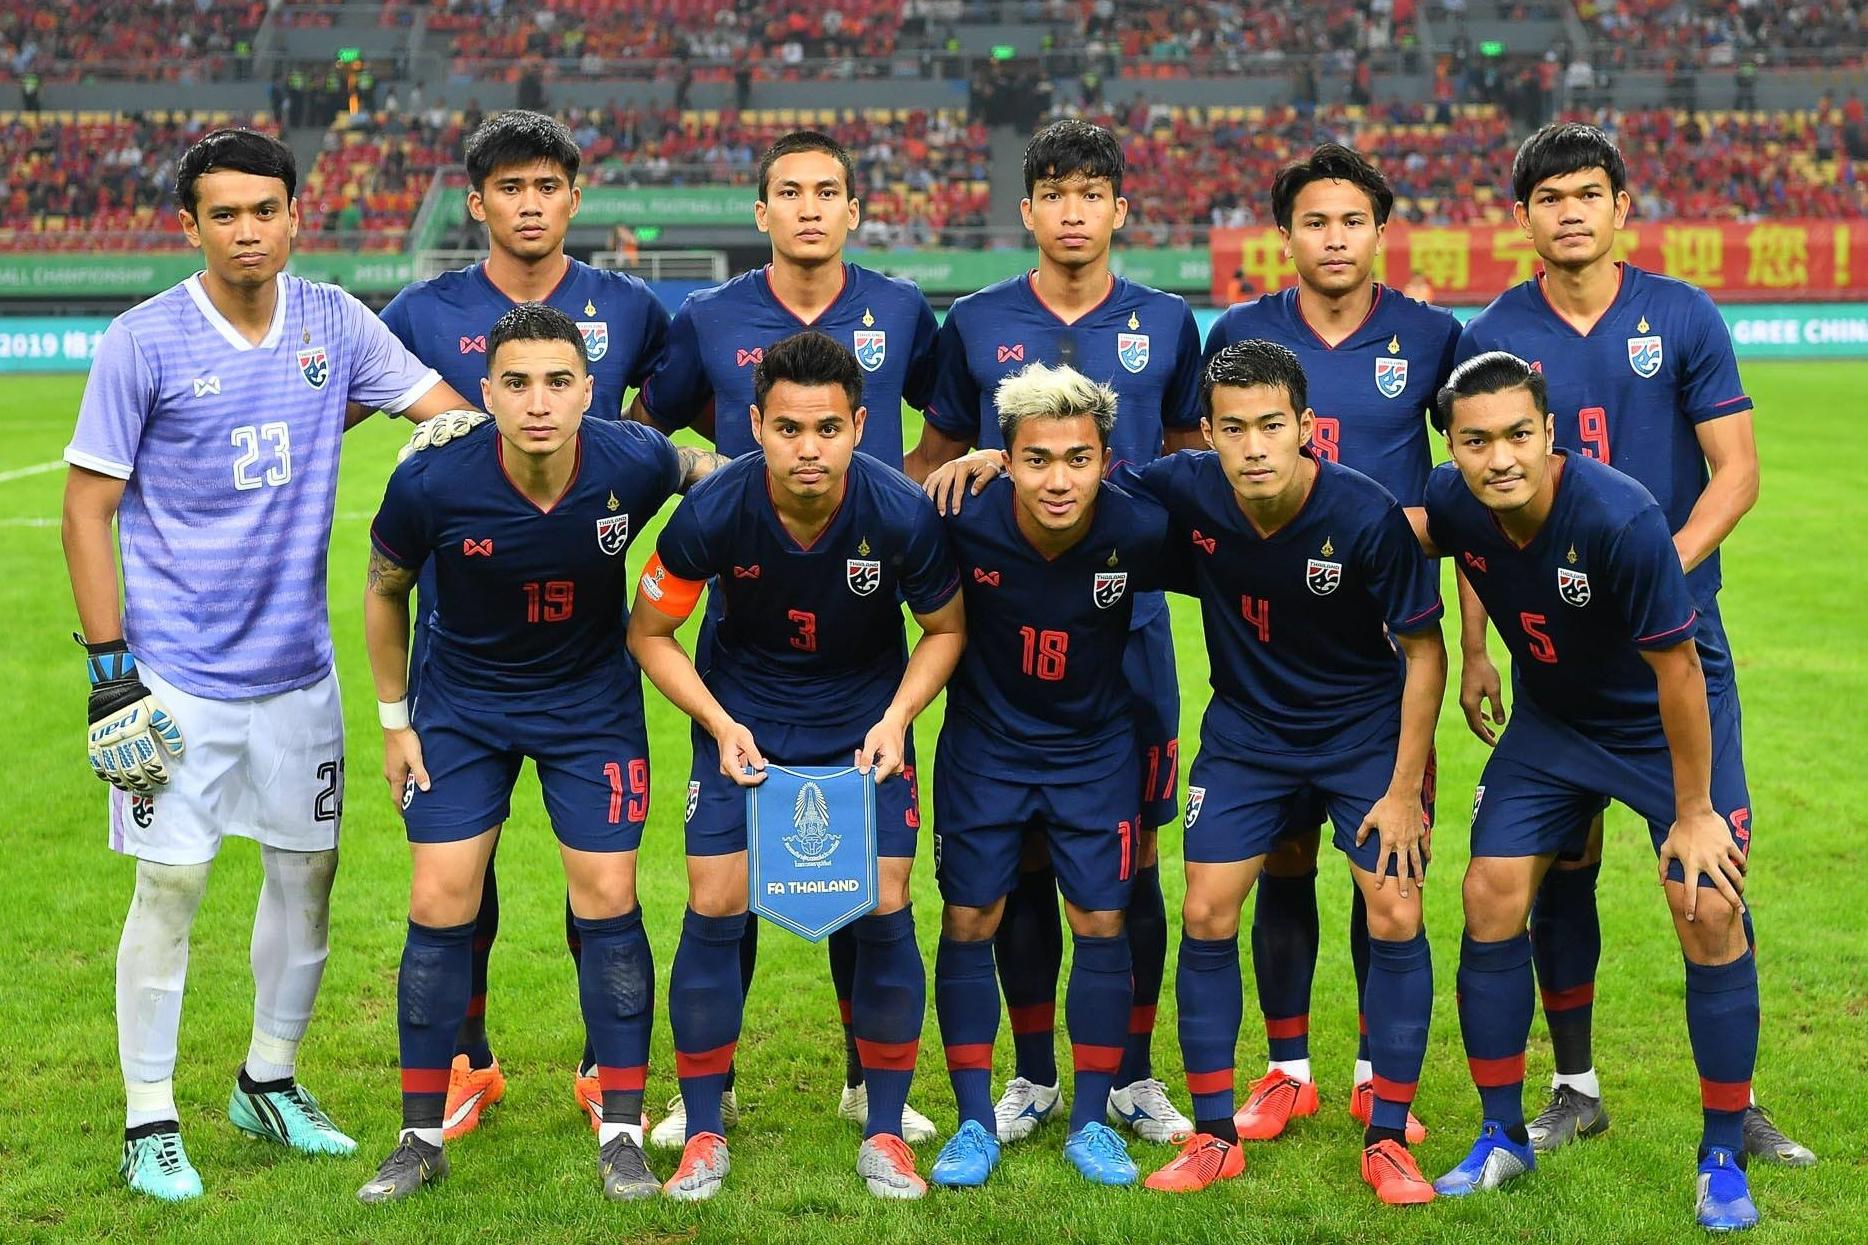 คิงส์ คัพ คิงส์คัพ 2019 ทีมชาติกือราเซา ทีมชาติอินเดีย ทีมชาติเวียดนาม ทีมชาติไทย